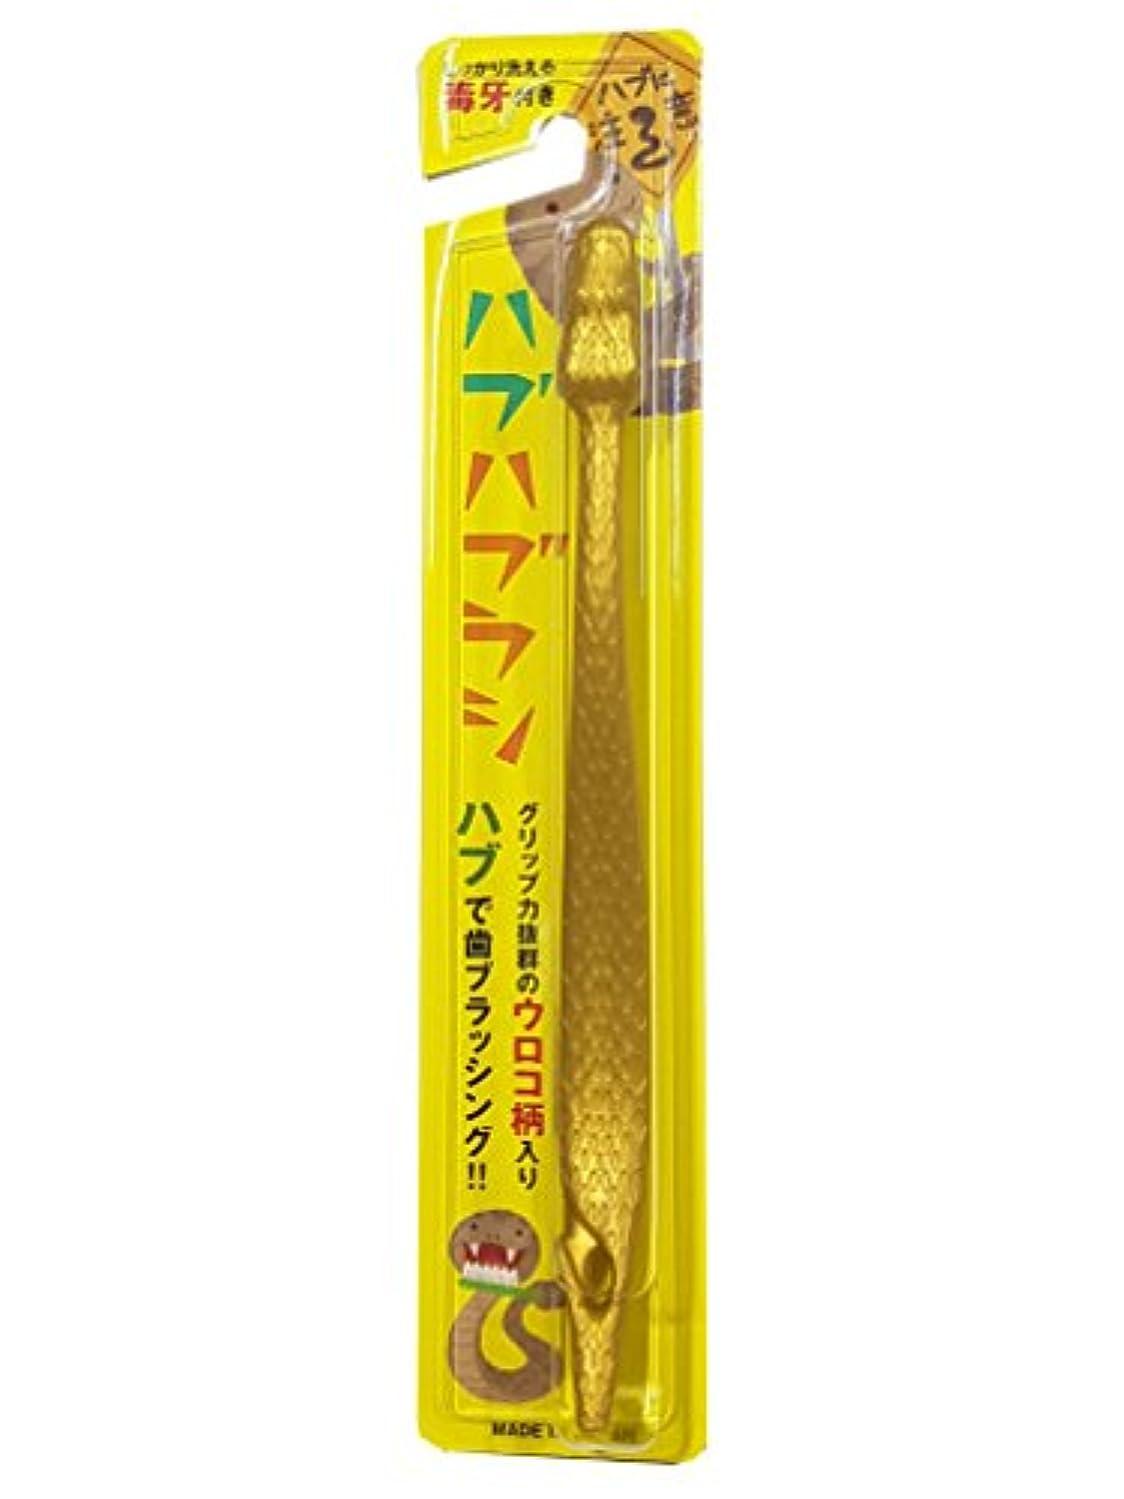 マネージャー注目すべきアリハブハブラシ (金 色) 沖縄 はぶ 歯ブラシ